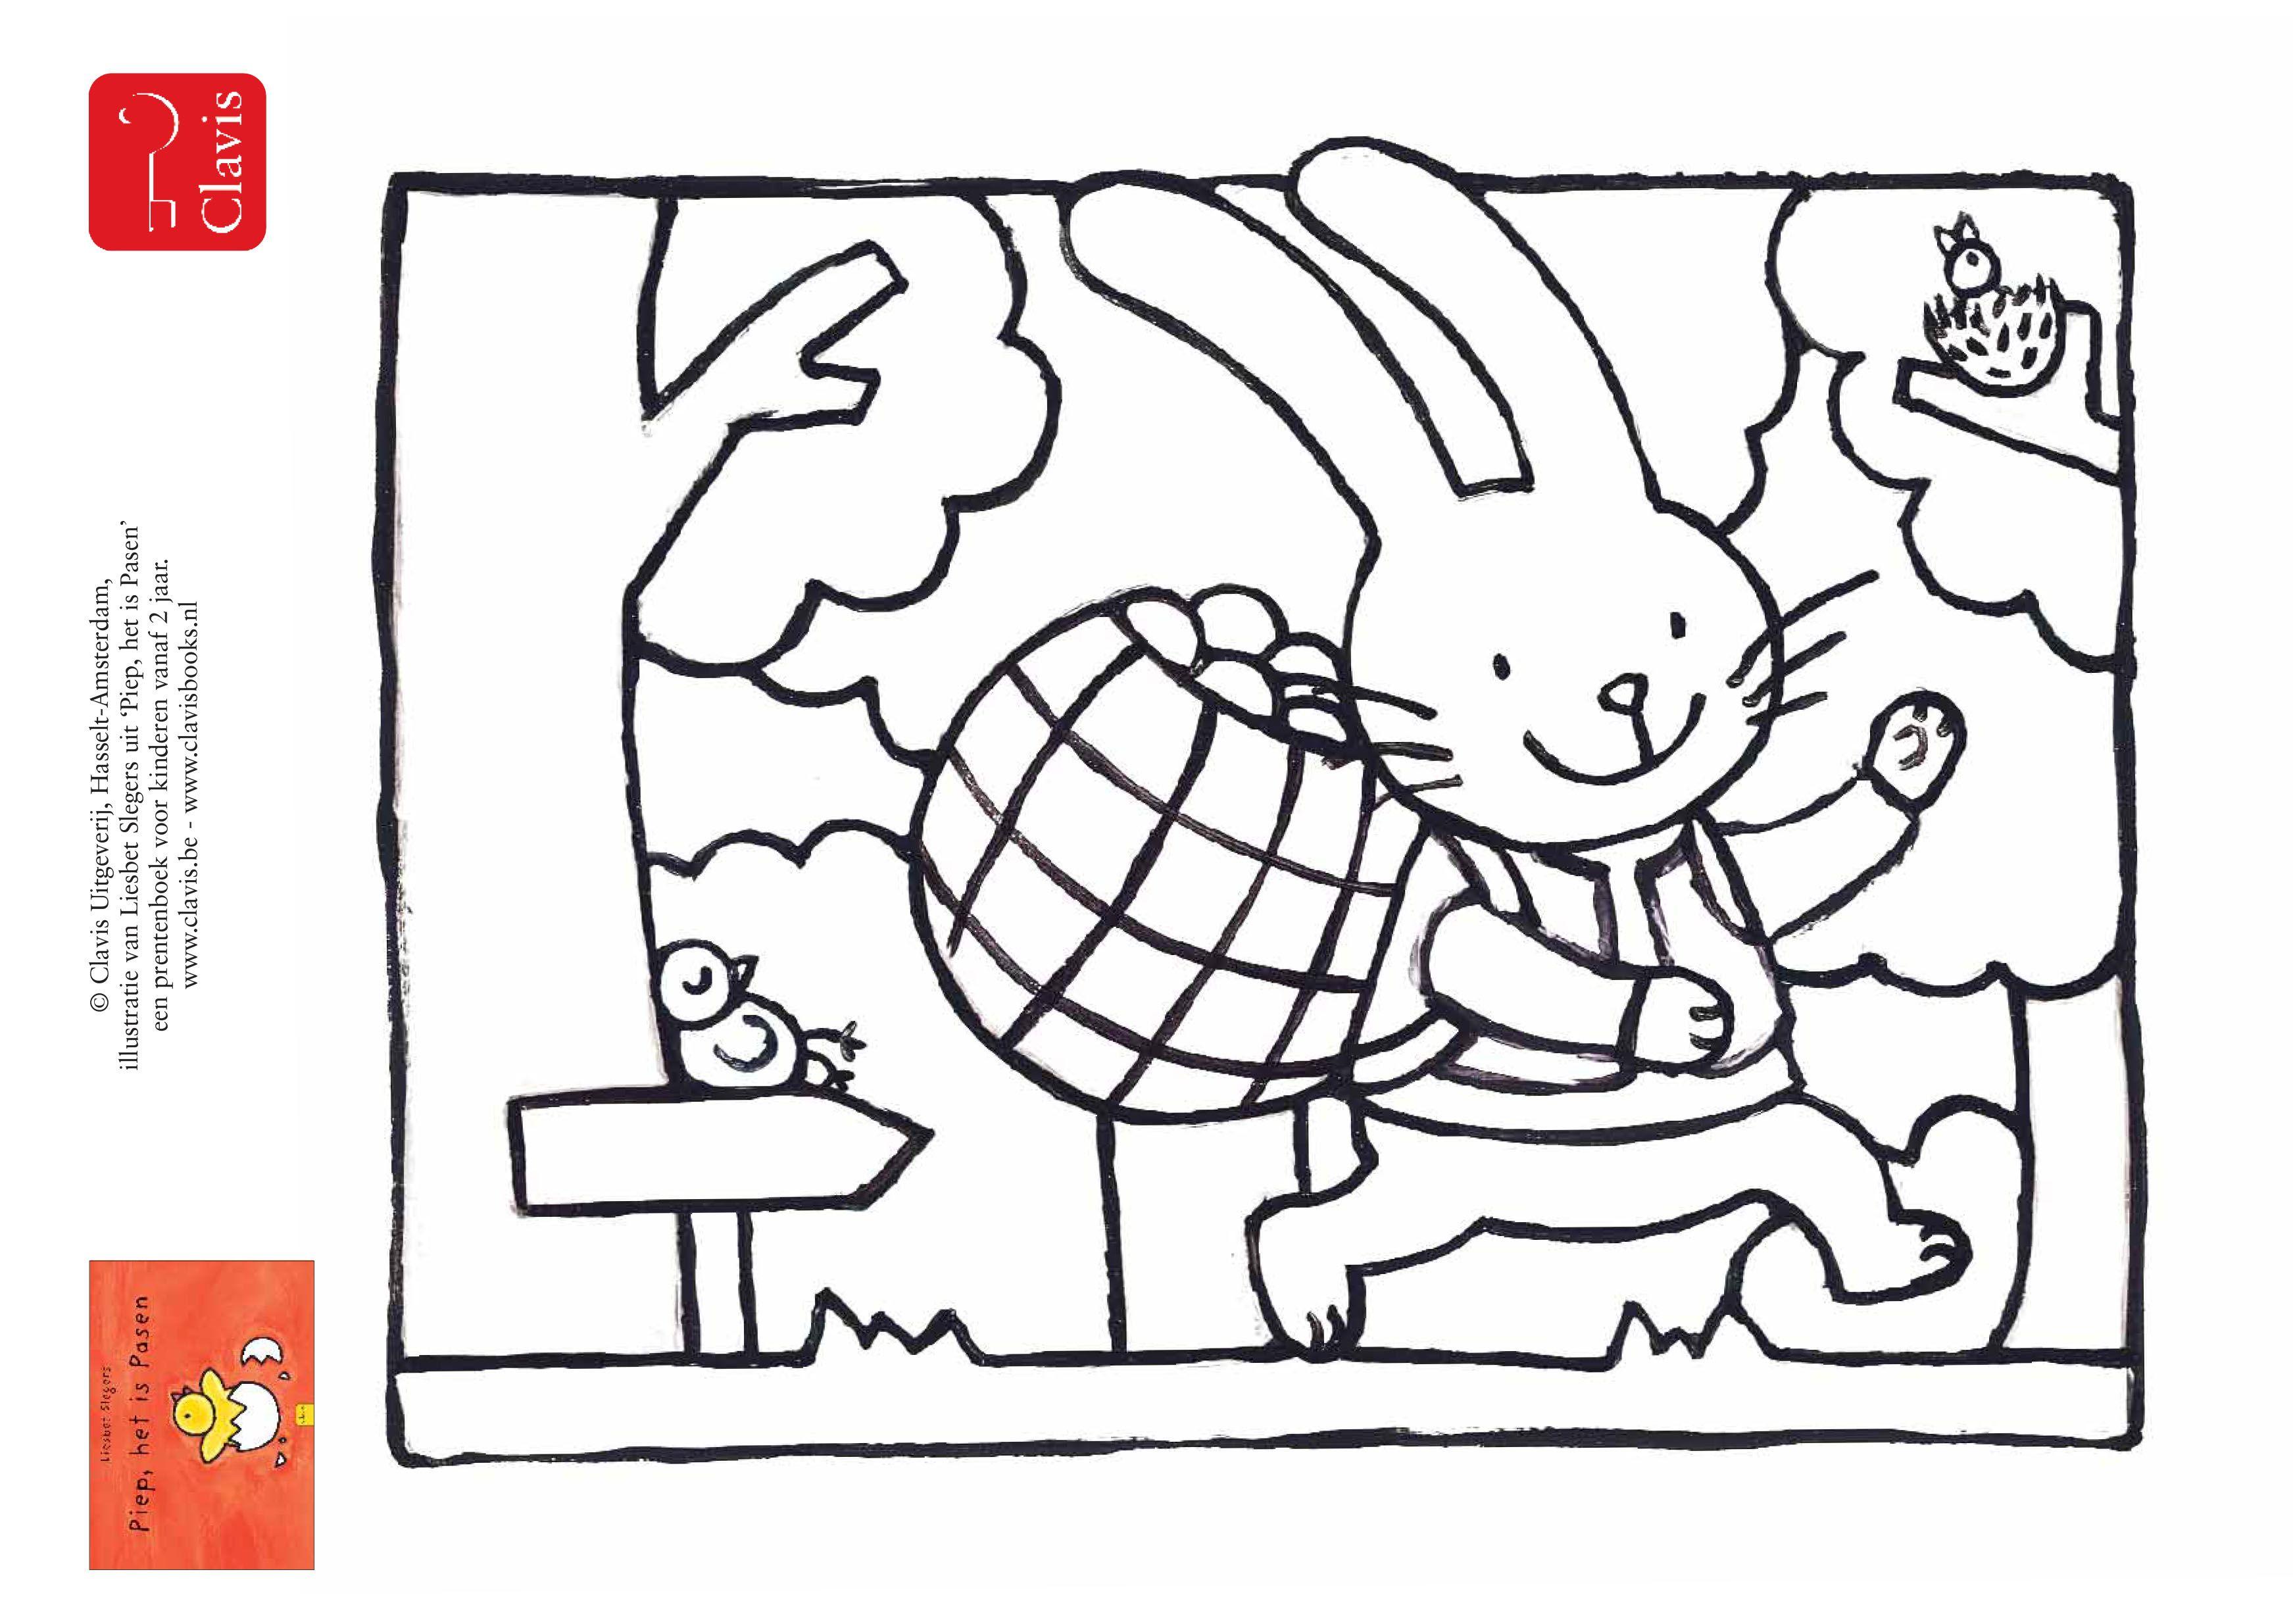 Ver Weg In Het Bos Staat Een Huisje Daar Woont De Paashaas Tussen Het Groen Als Het Na De Lange Winter Bijna Pasen Is Wordt Het Pasen Thema Kleurplaten